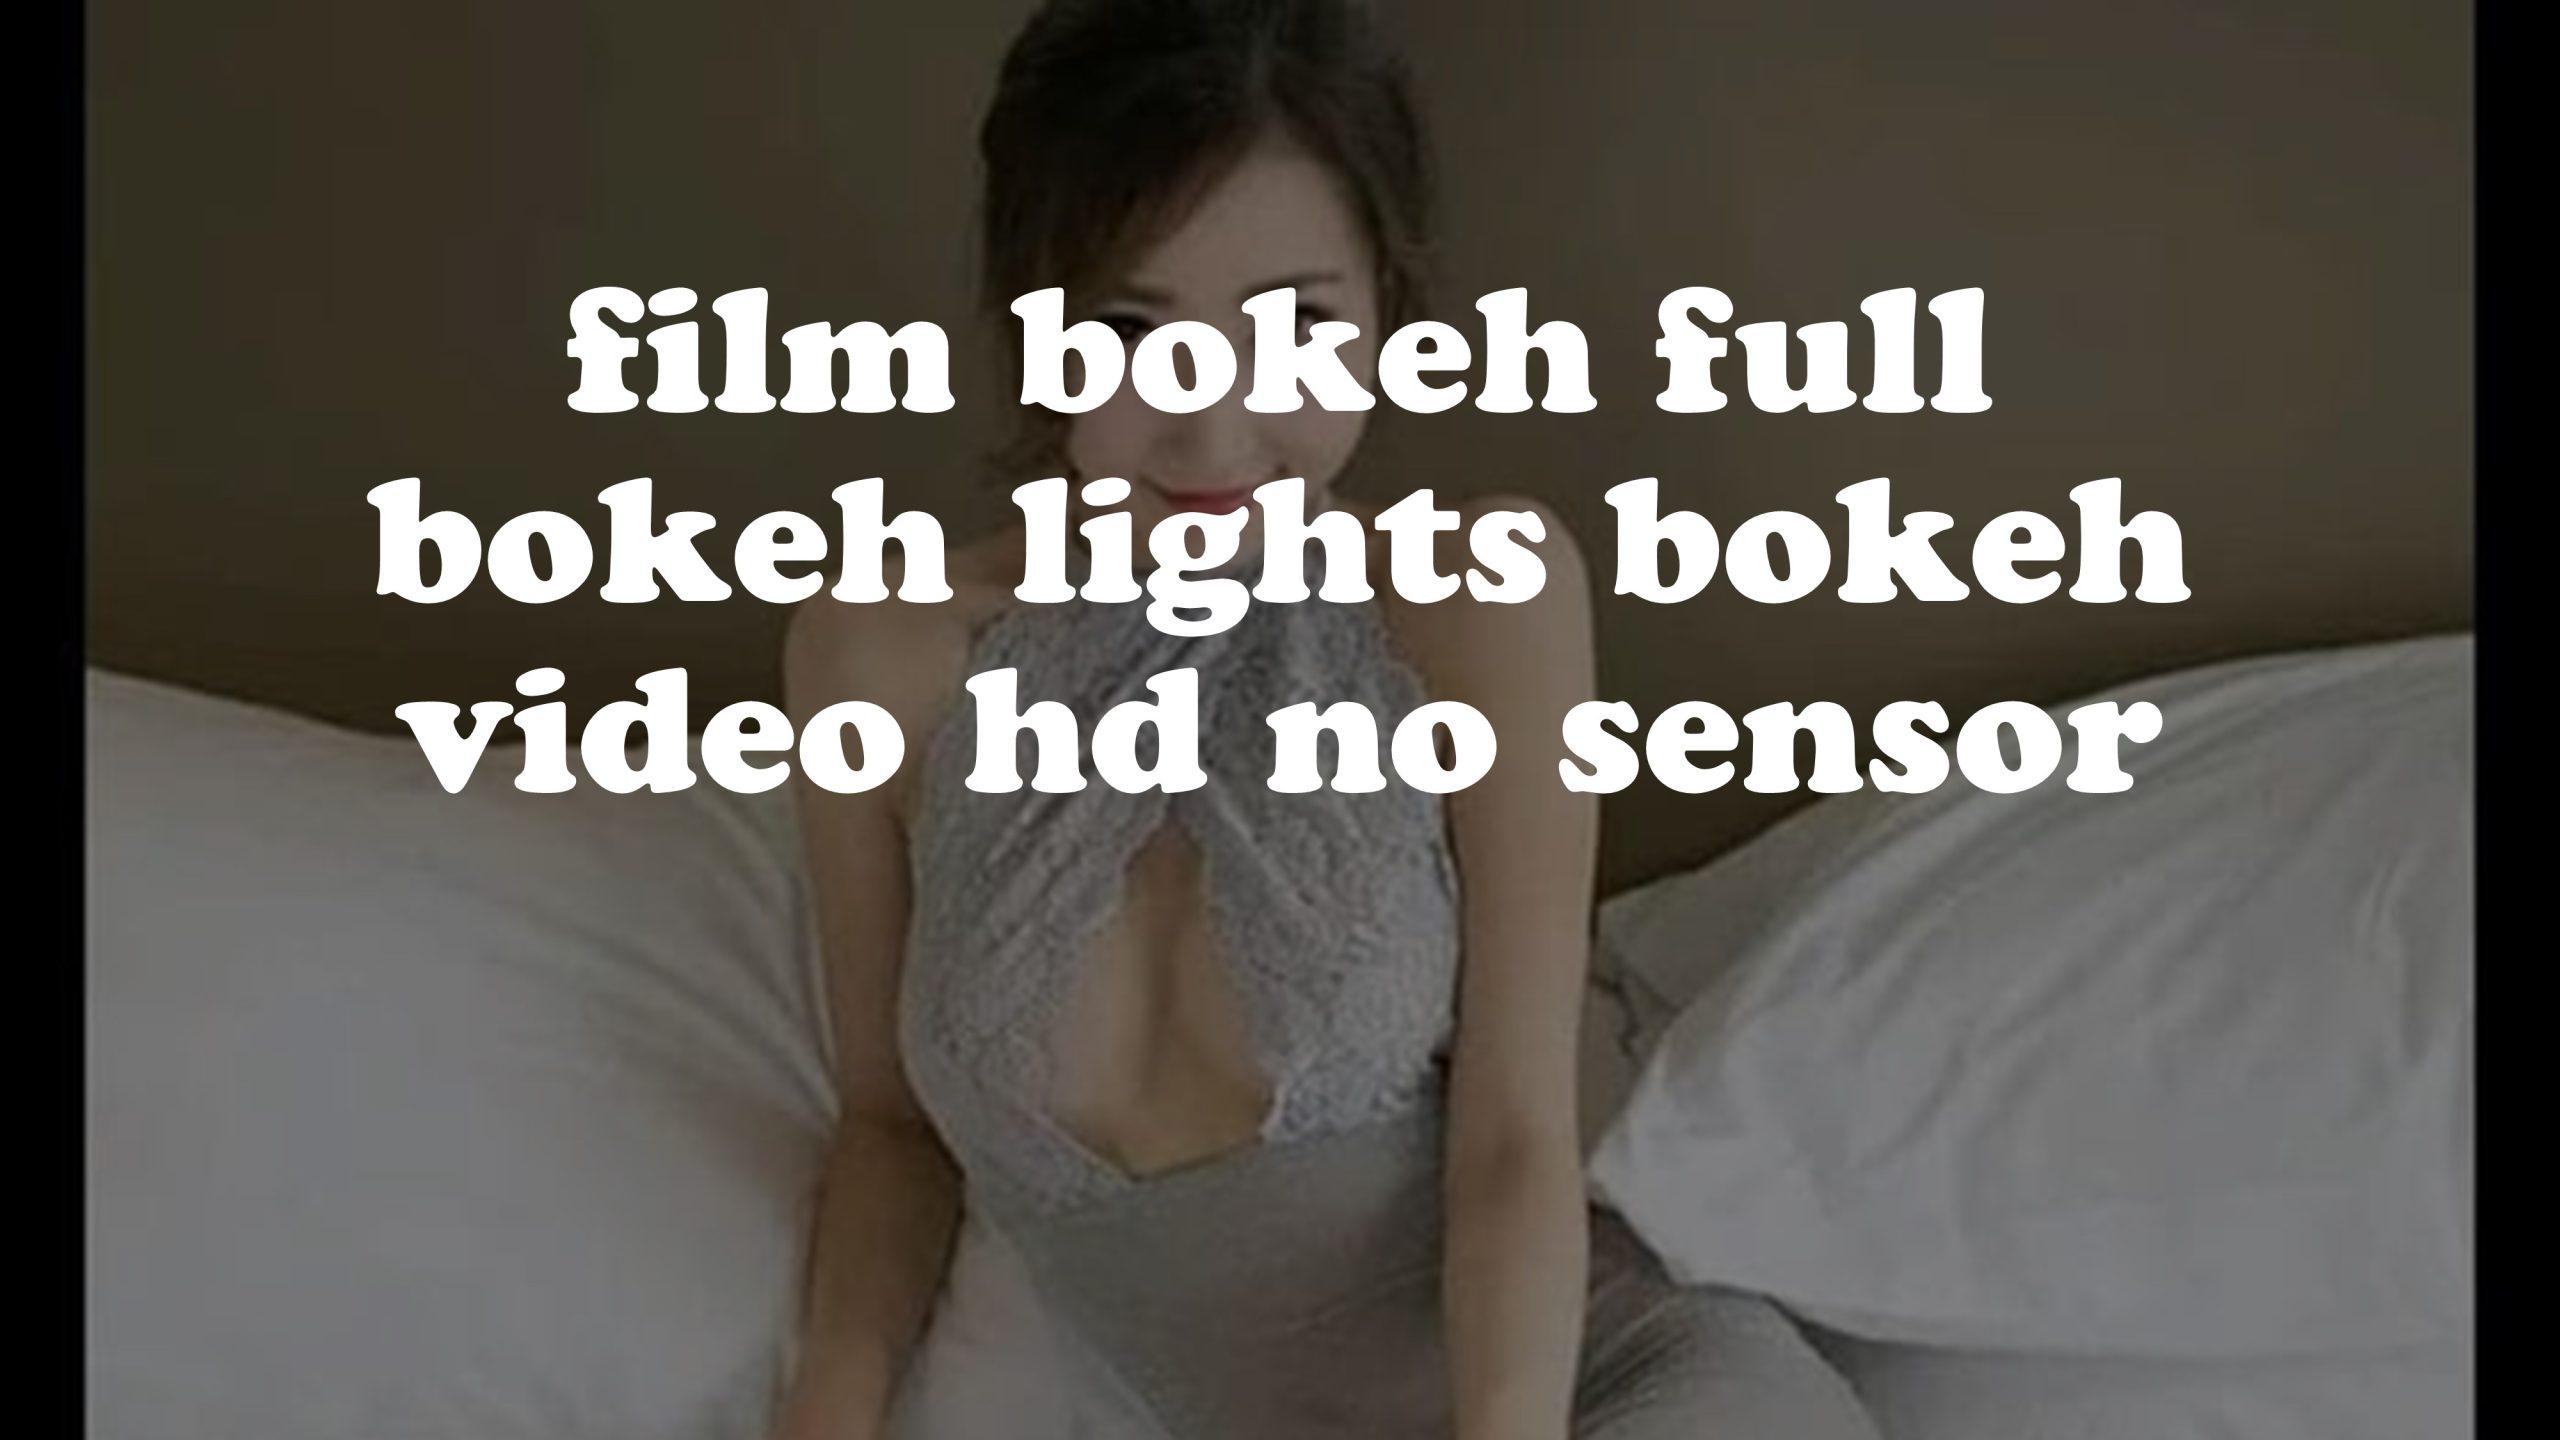 bokeh full bokeh lights